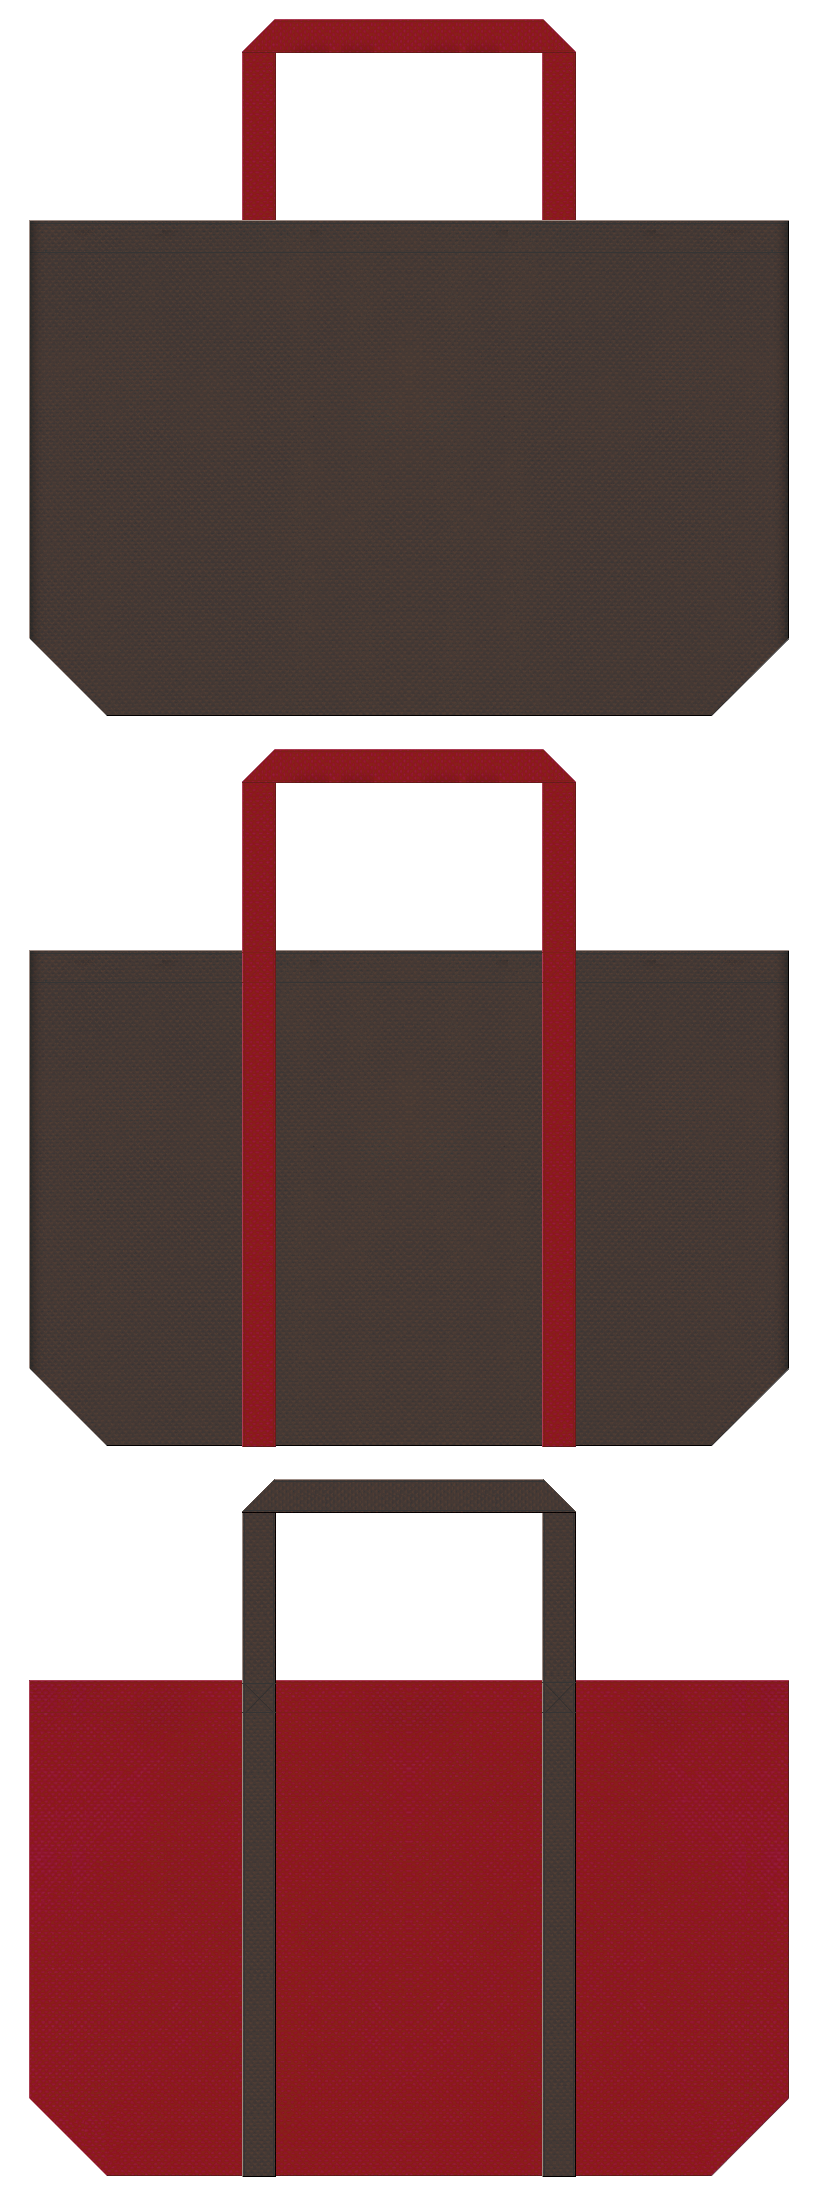 赤味噌・醤油・日本料理・せんべい・あられ・あずき・ぜんざい・甘味処・和菓子・邦楽・演奏会・舞踊・着物・伝統芸能・観光旅行・和風催事・お正月・福袋にお奨めの不織布バッグデザイン:こげ茶色とエンジ色のコーデ